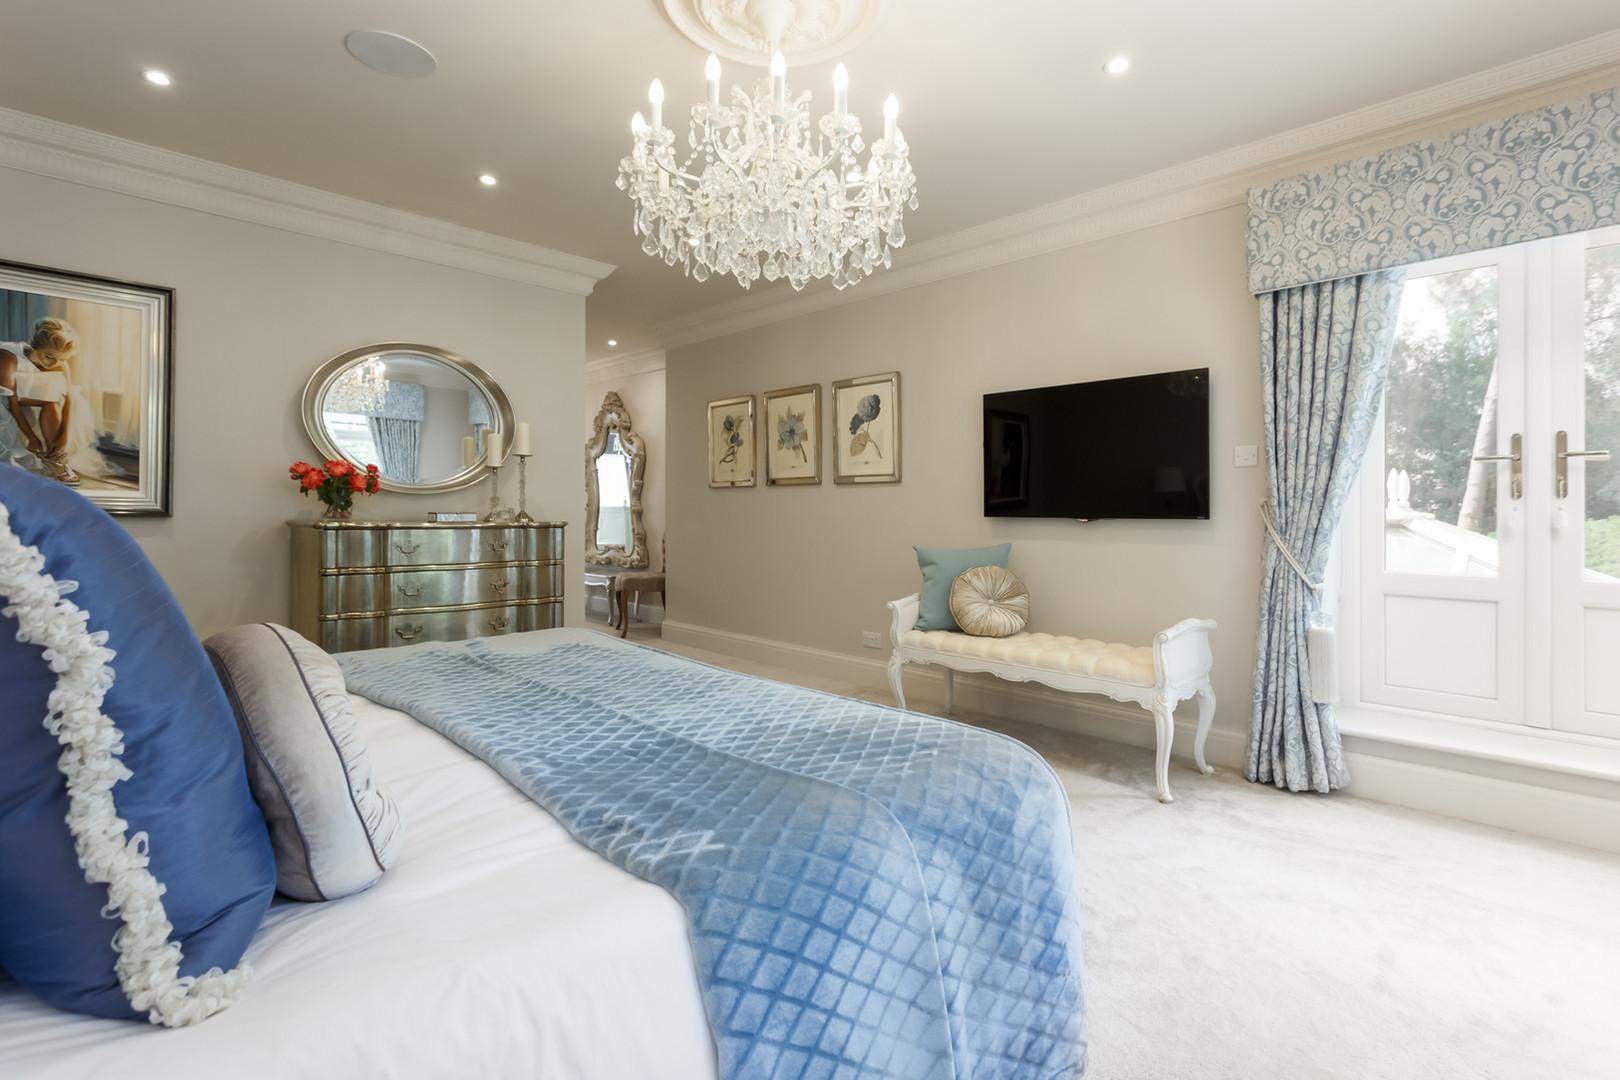 master bedroom interior designer ideas_web.jpg